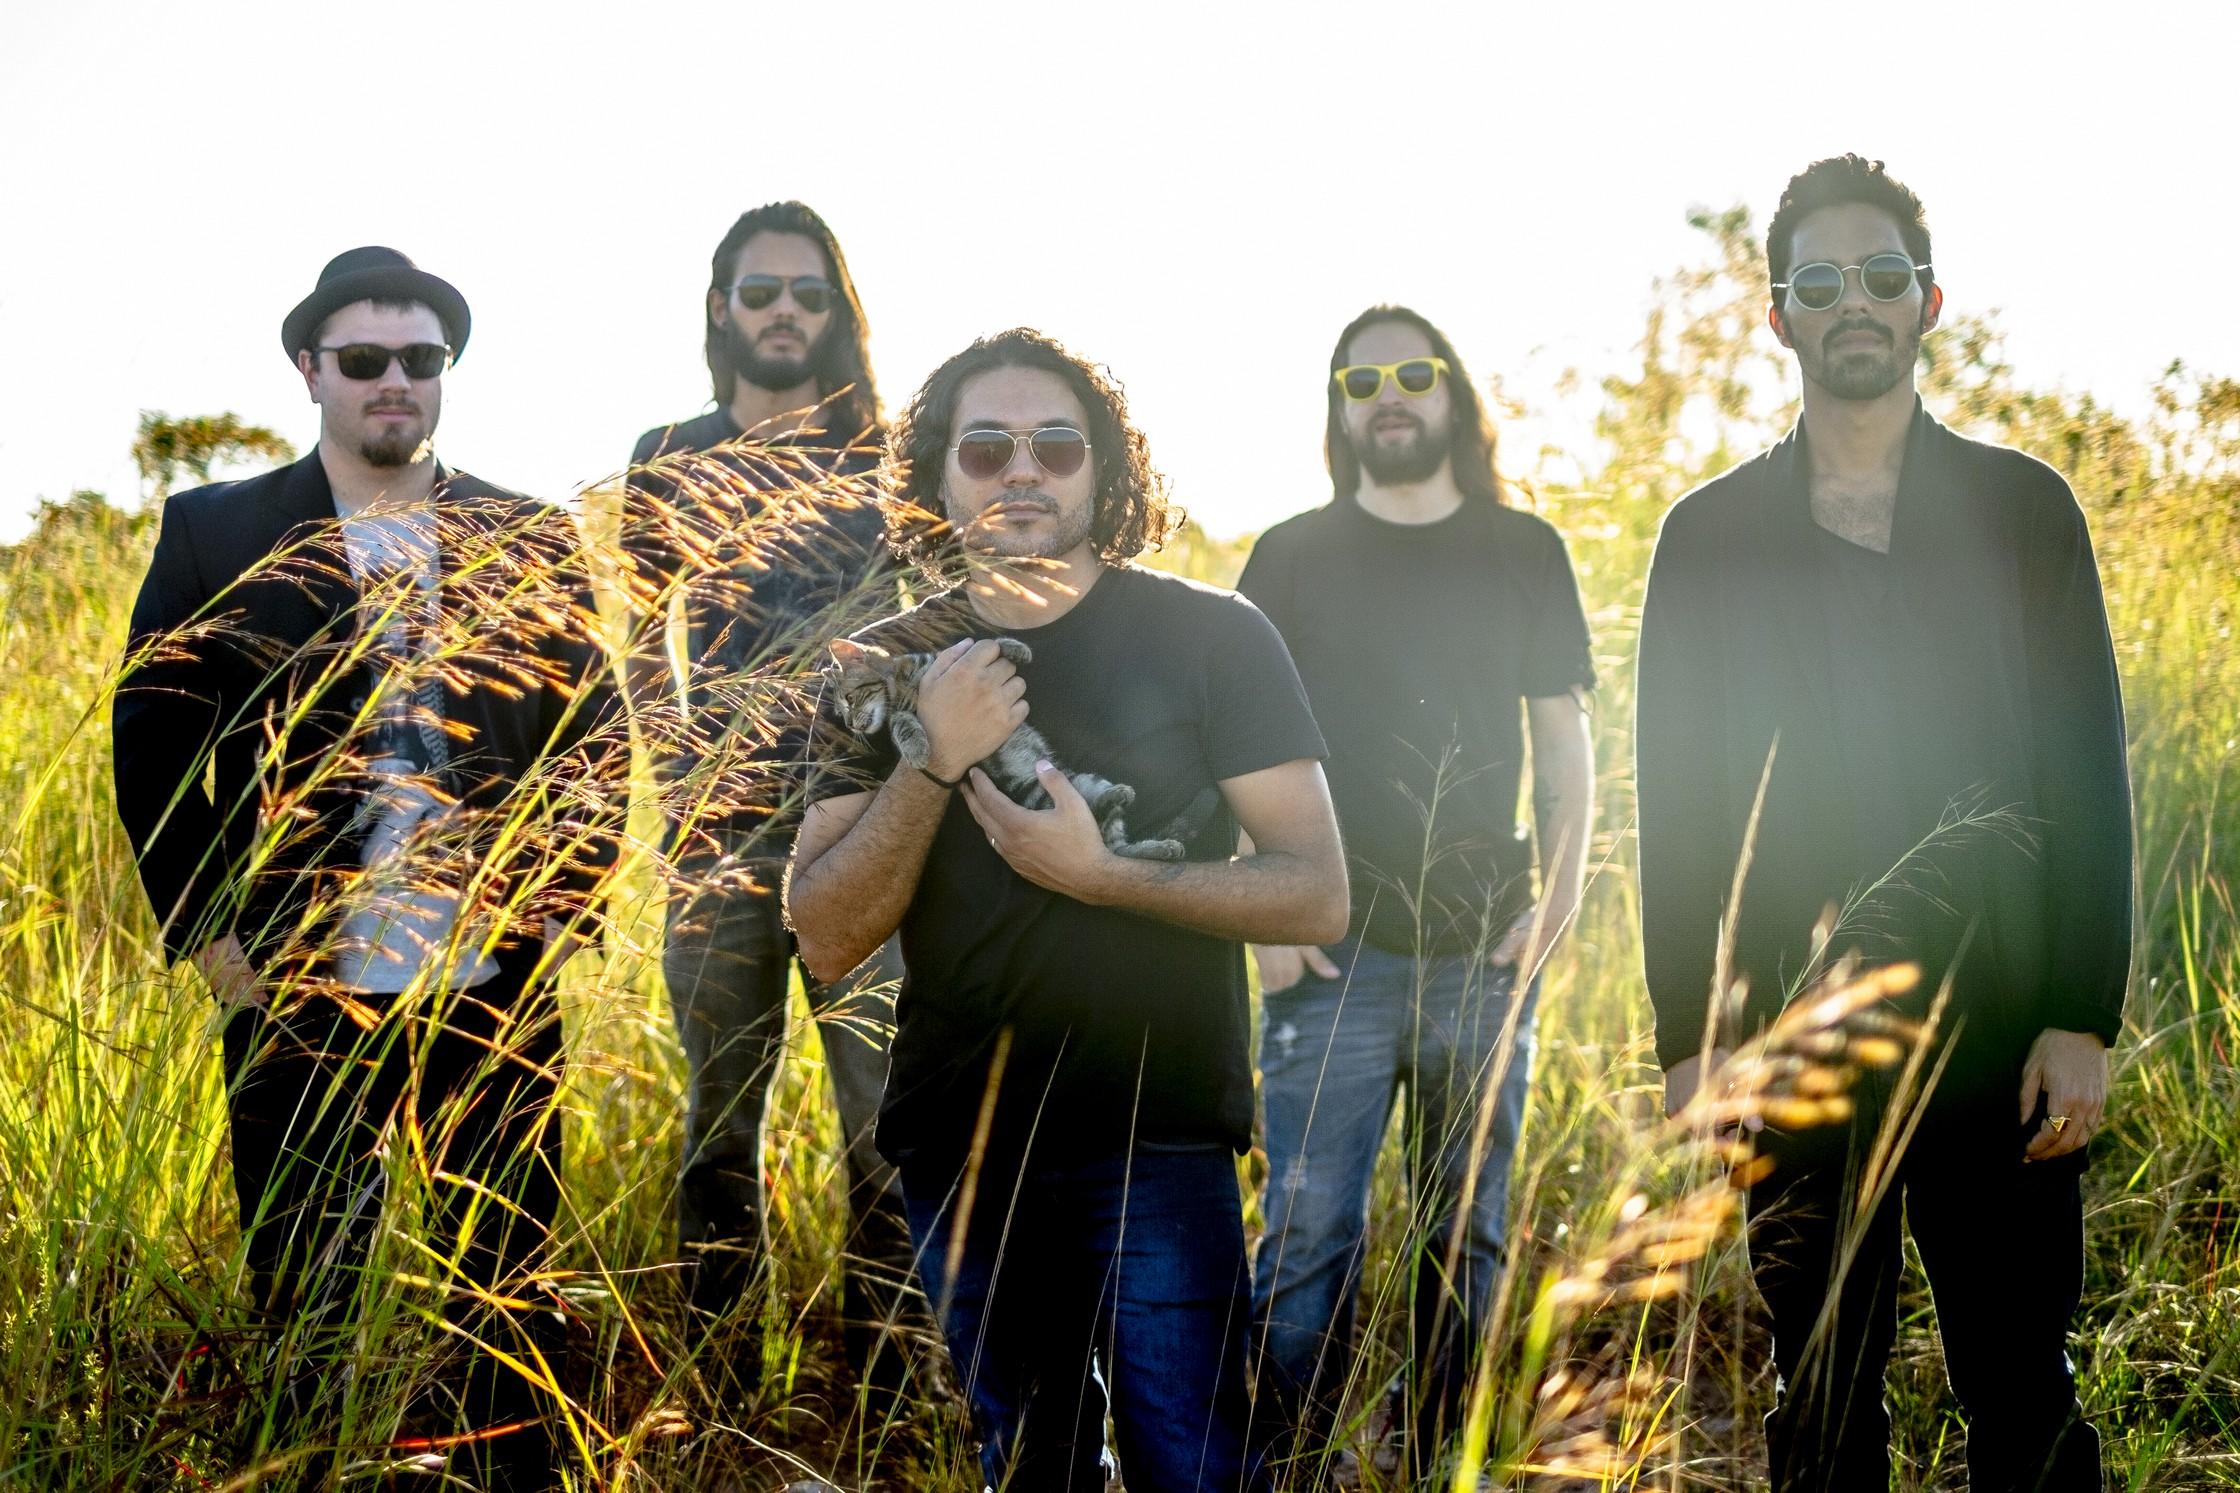 A banda carioca, que começou fazendo shows em tributo ao Pearl Jam, apresenta seu lado autoral no álbum 'Mercury' _ Fotos: Ale Grand